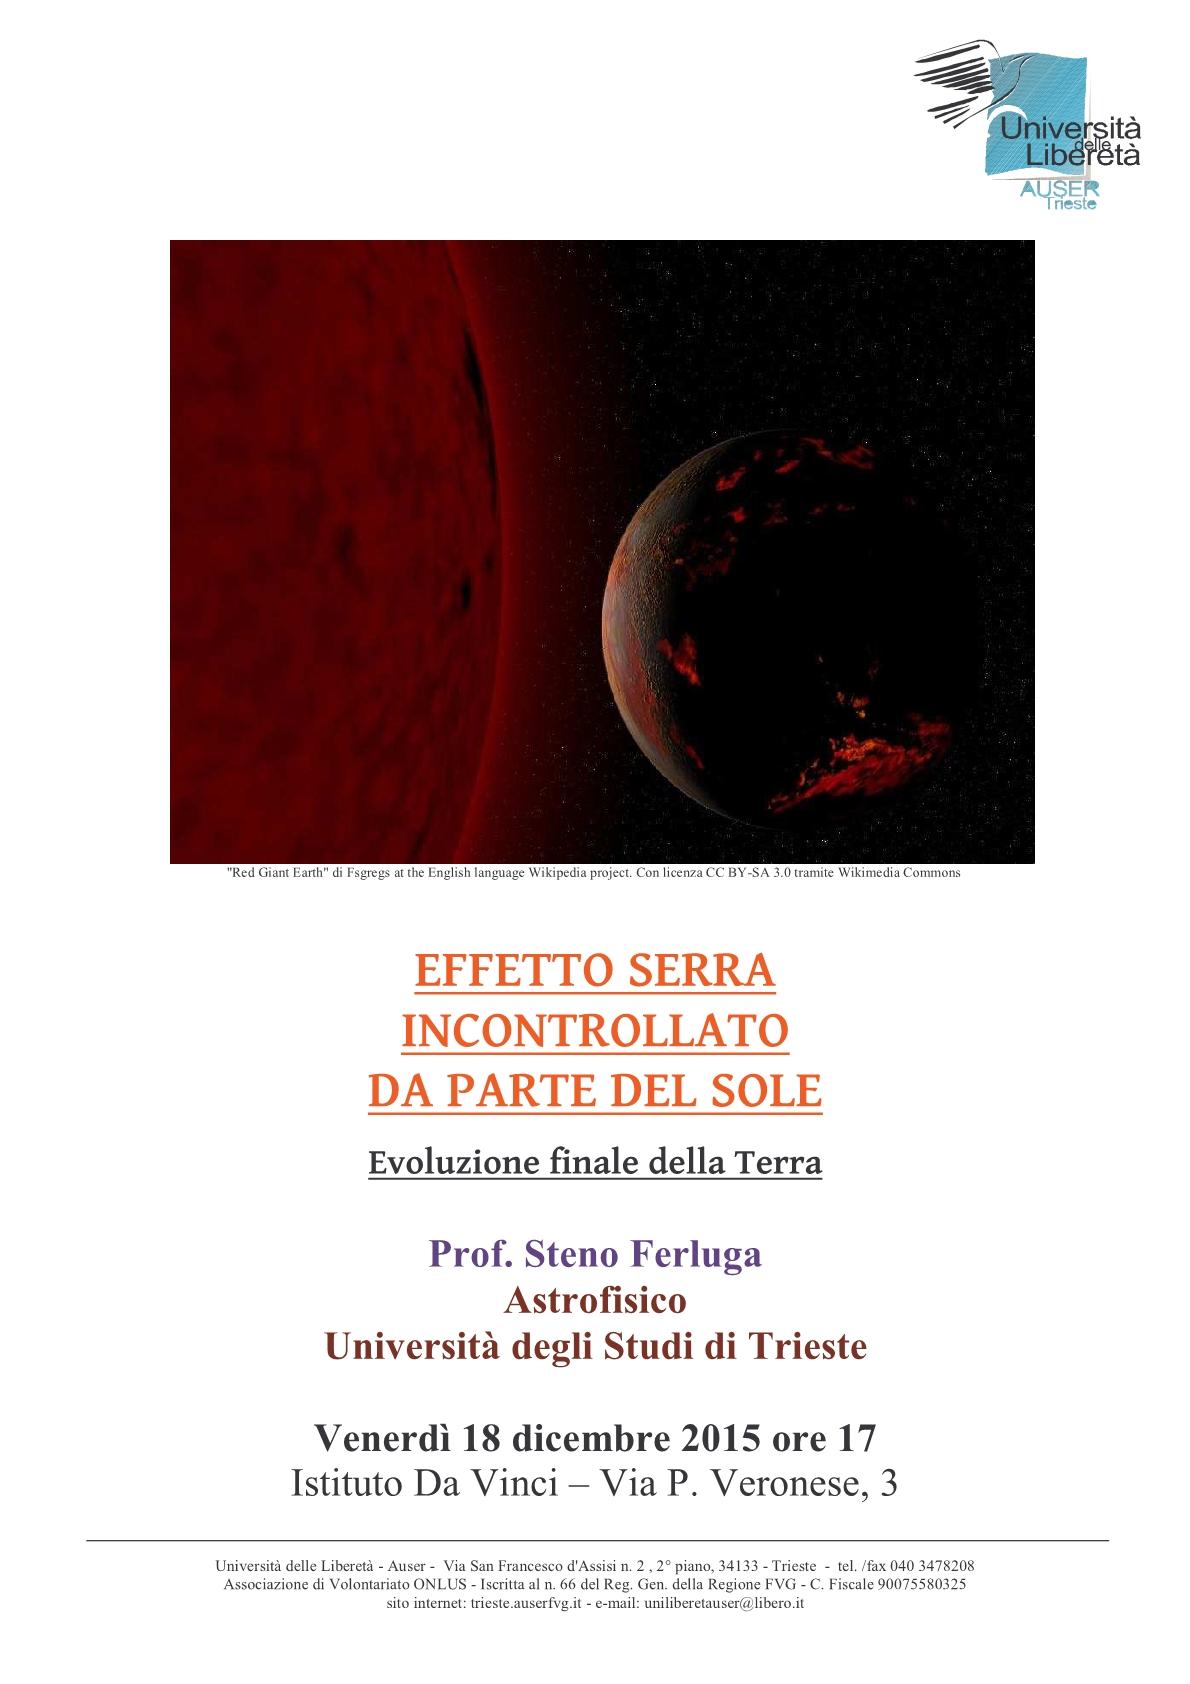 Conferenza astronomia1